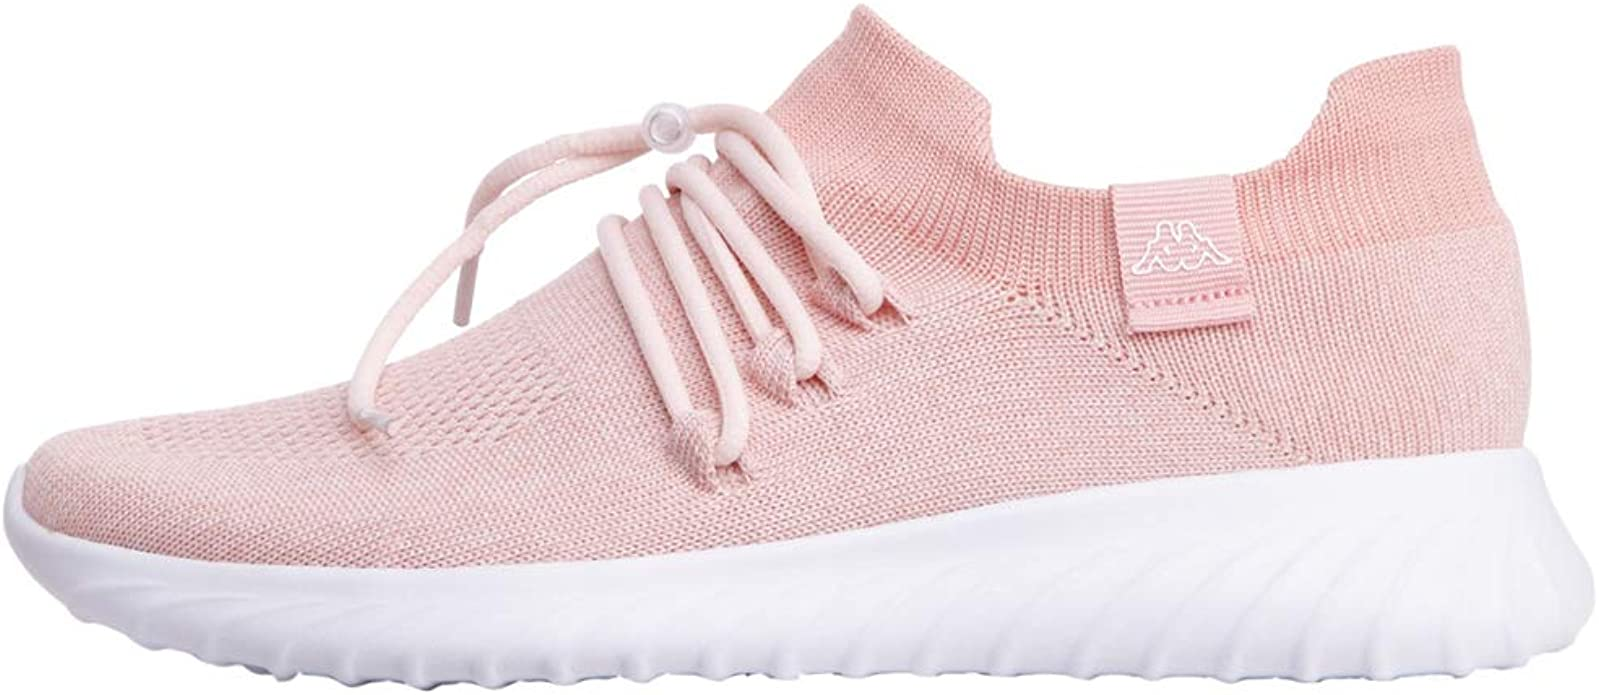 Kappa Zuc, Zapatillas para Mujer: Amazon.es: Zapatos y complementos